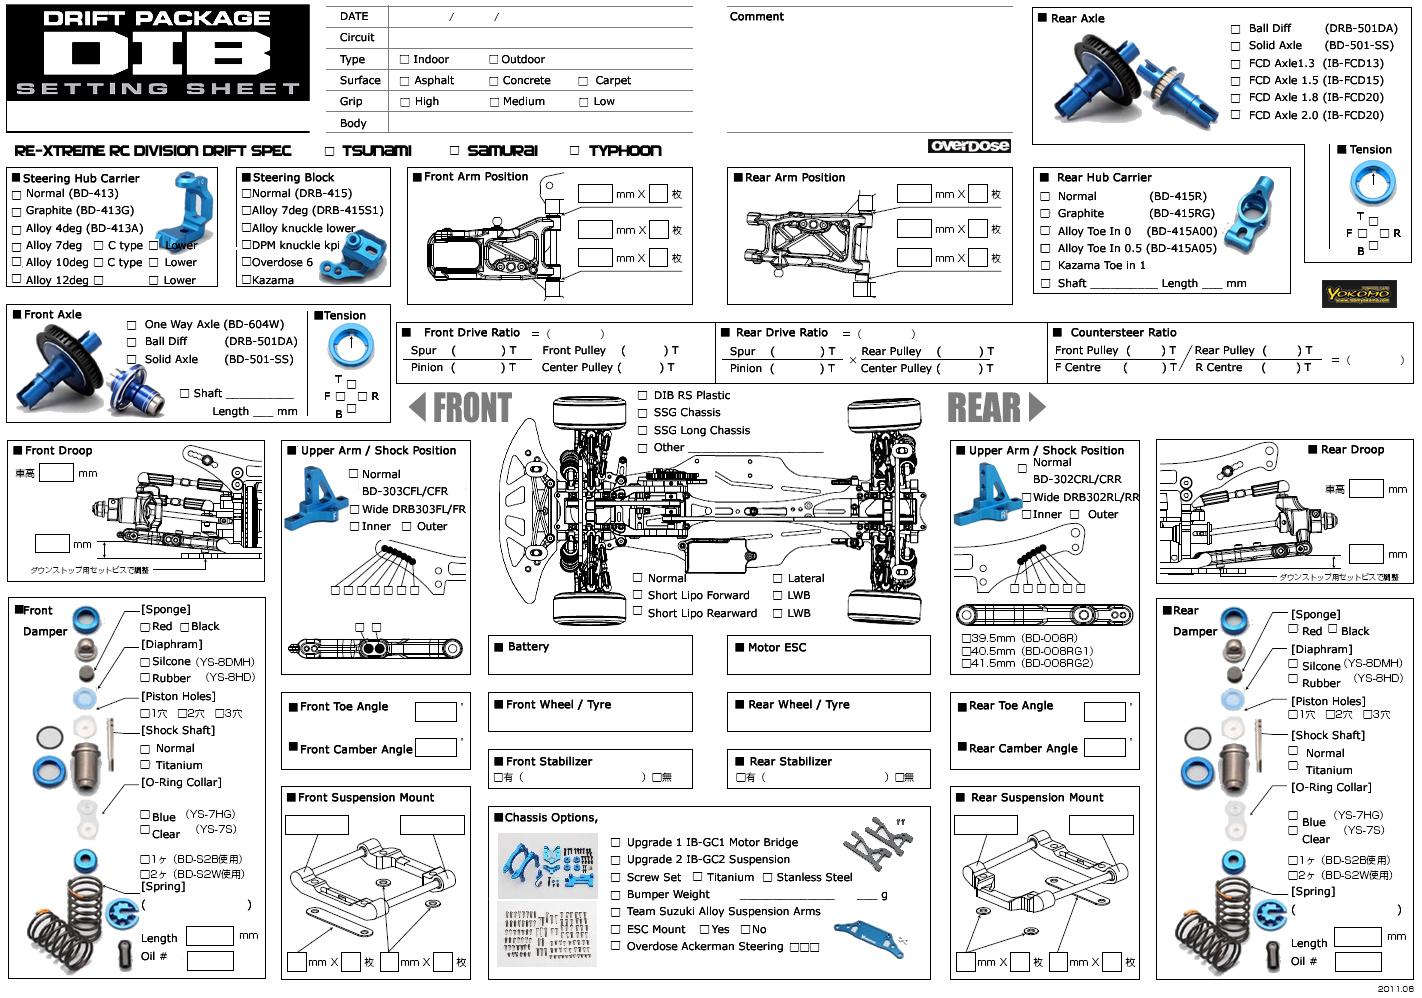 hpi sprint 2 flux manual pdf